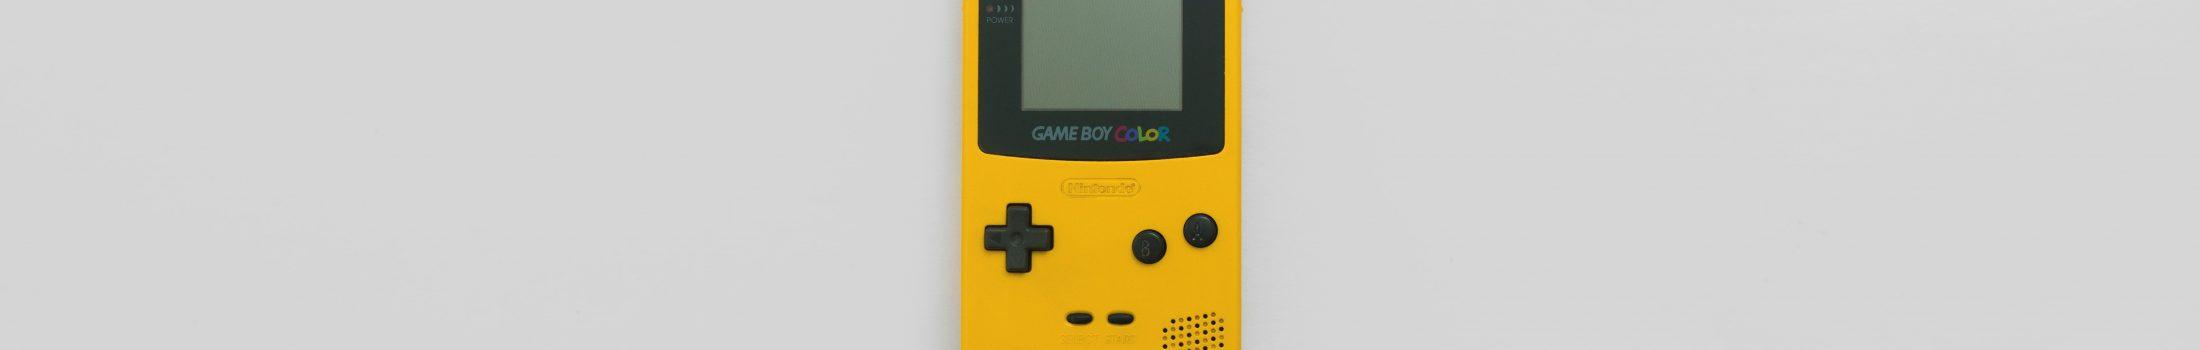 Gameboy auf grauem Hintergrund